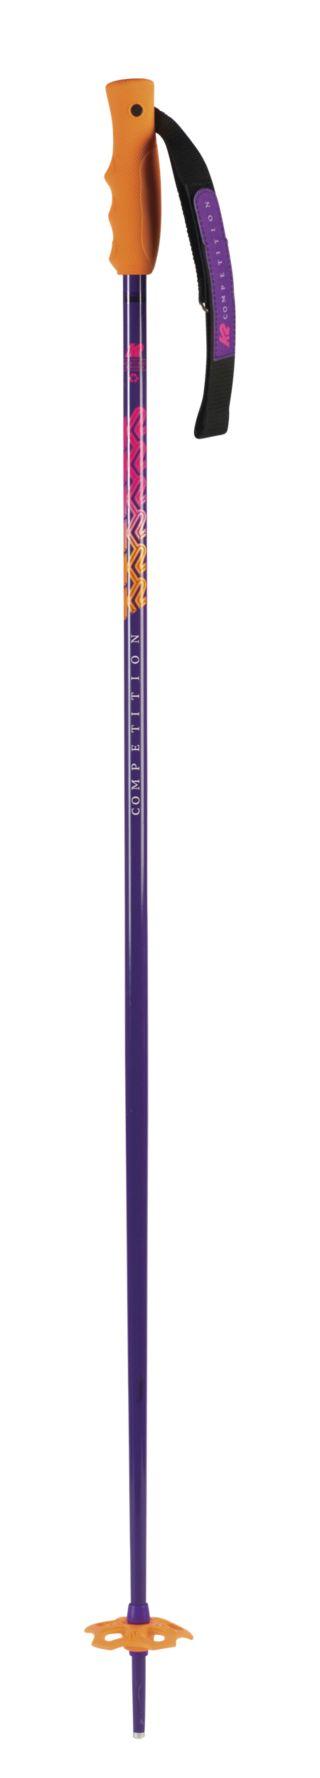 K2 Skis - Comp 16